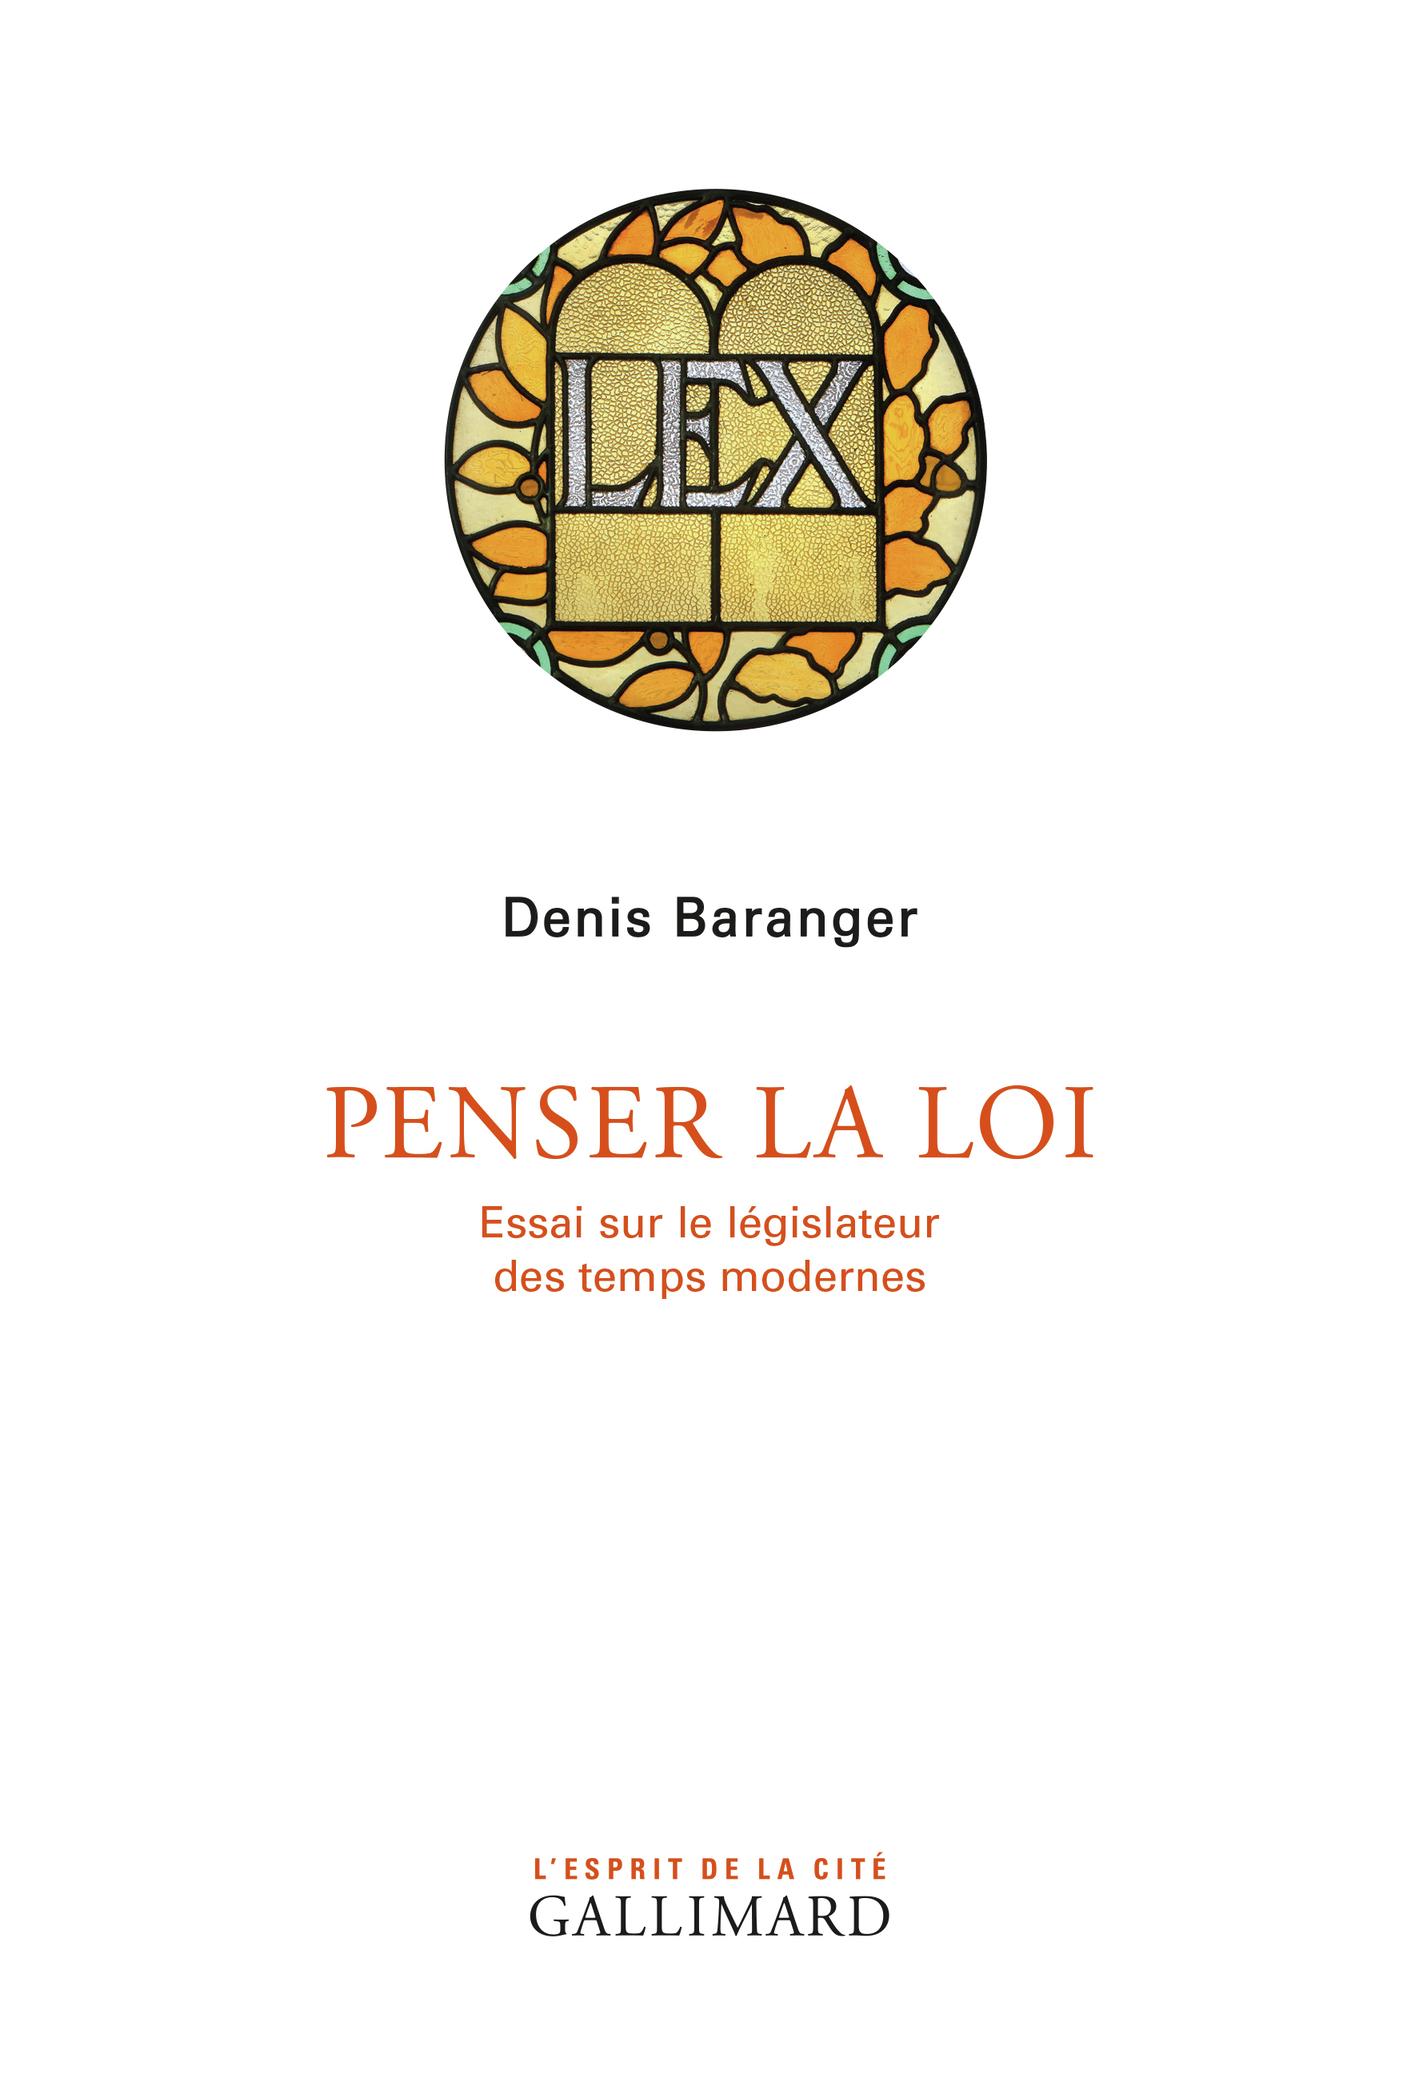 D. Baranger, Penser la loi. Essai sur le législateur des temps modernes